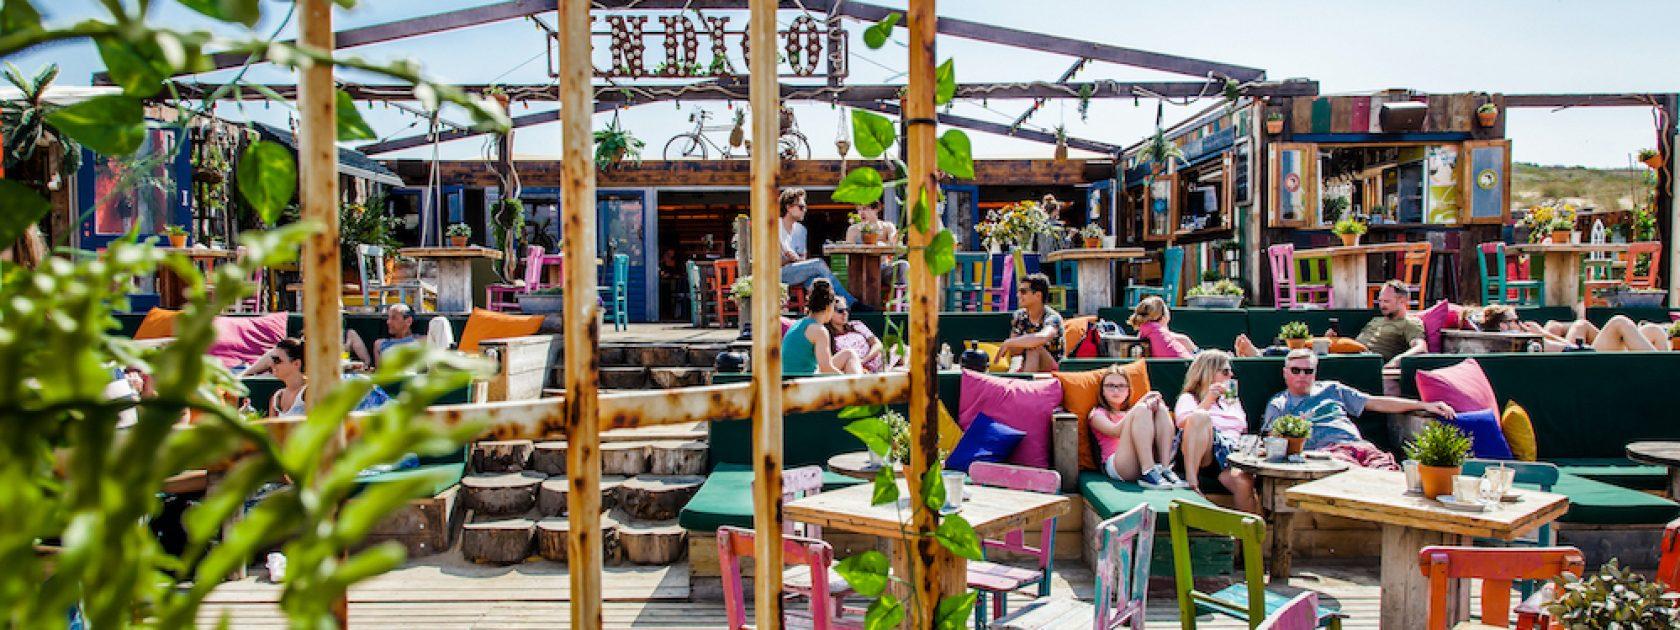 Een van de leukste strandtenten in Scheveningen is toch wel Indigo. Super kleurrijk, lekker eten en een fijne sfeer!